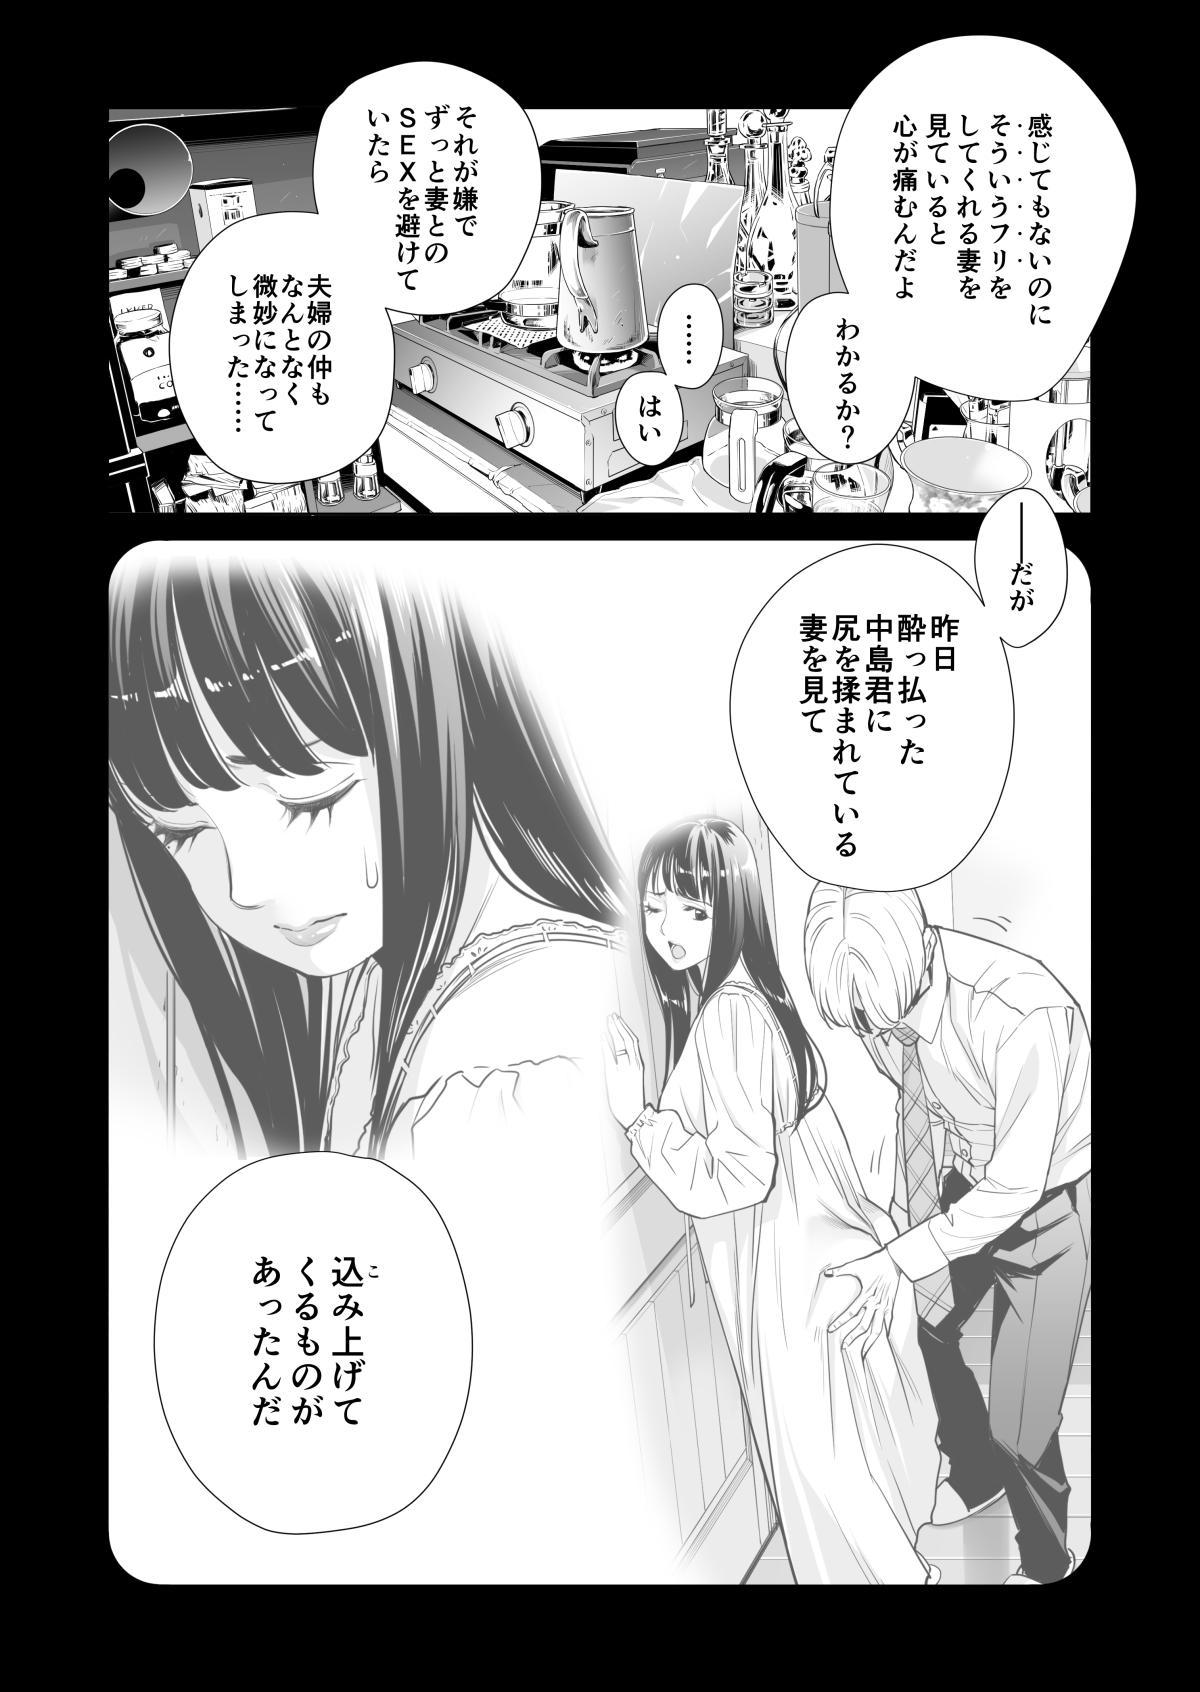 Tsukiyo no Midare Sake 46